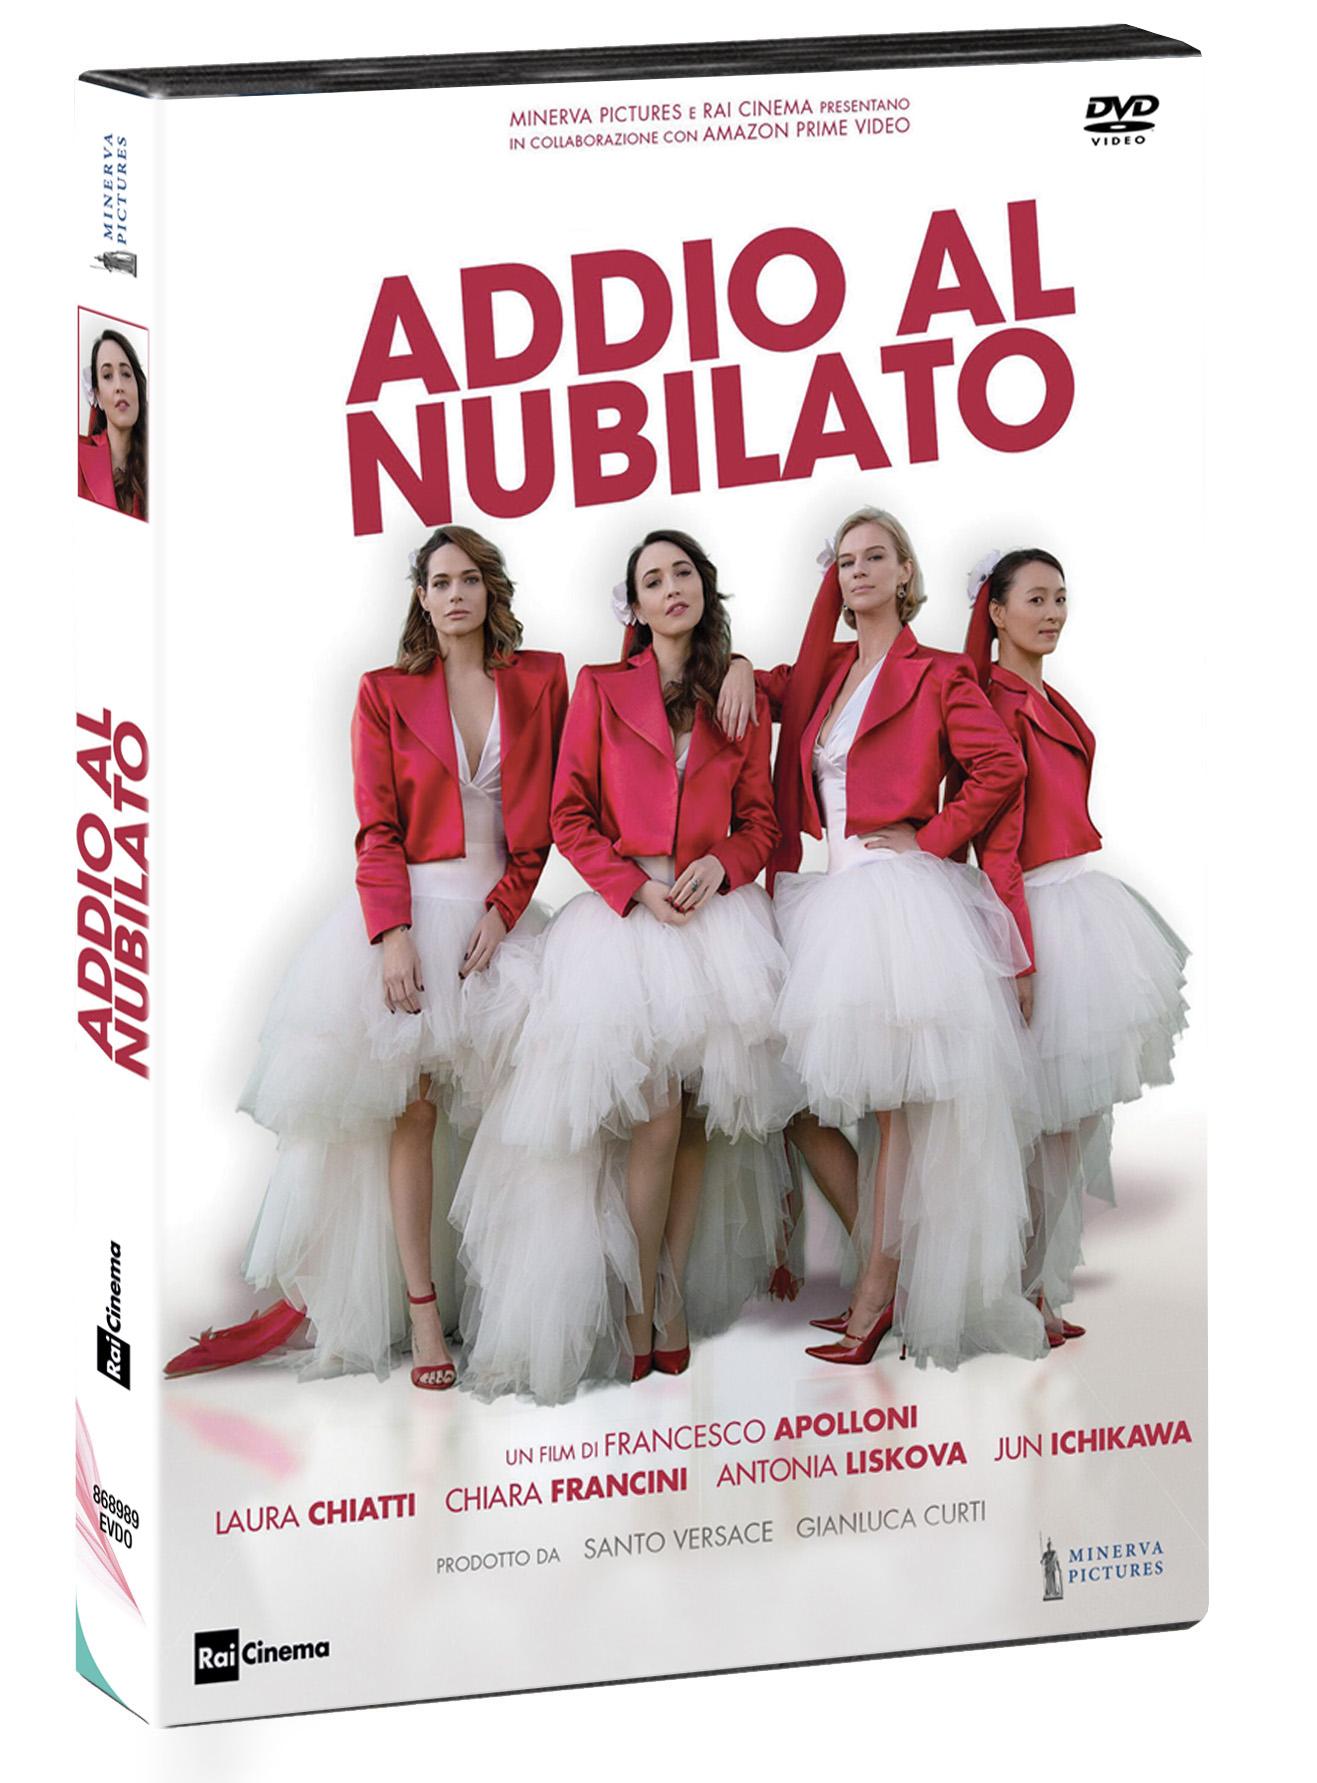 ADDIO AL NUBILATO (DVD)